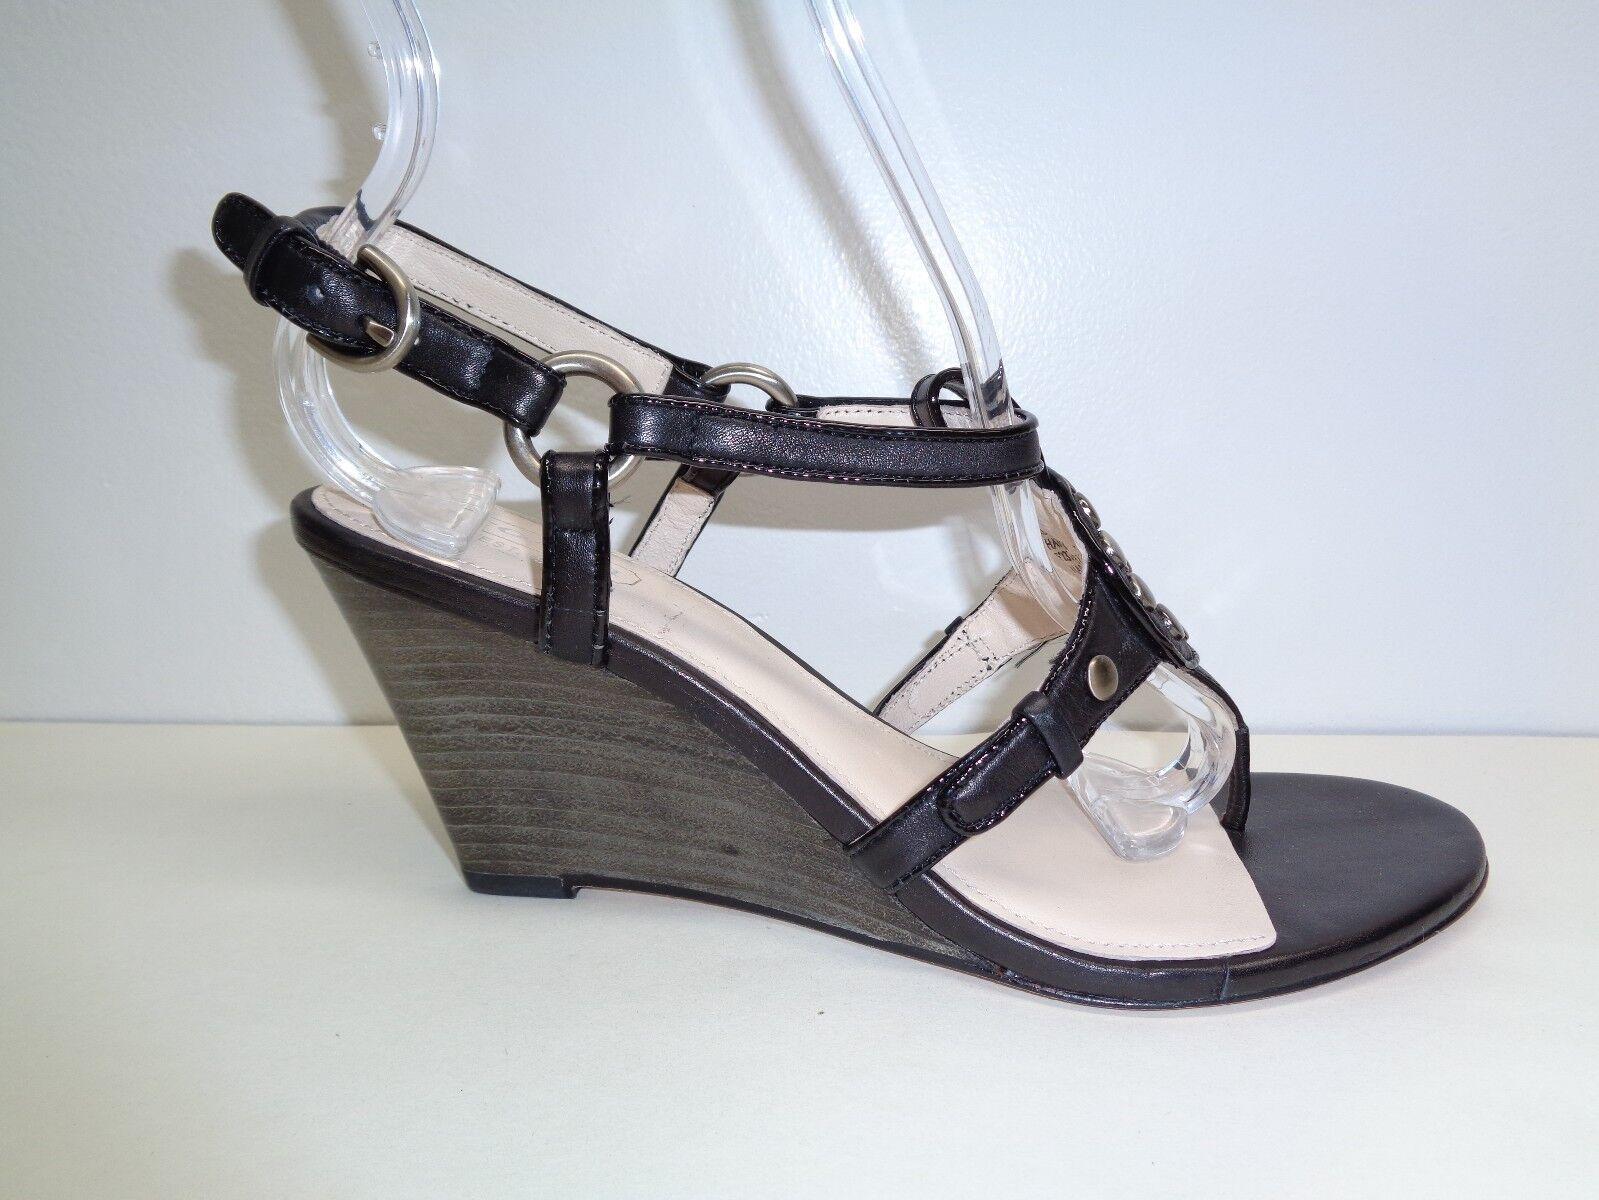 Entrenador de tamaño 7.5 M Harper Negro Cuero Adornado Adornado Adornado Nuevos Mujer Zapatos Sandalias de cuña  varios tamaños